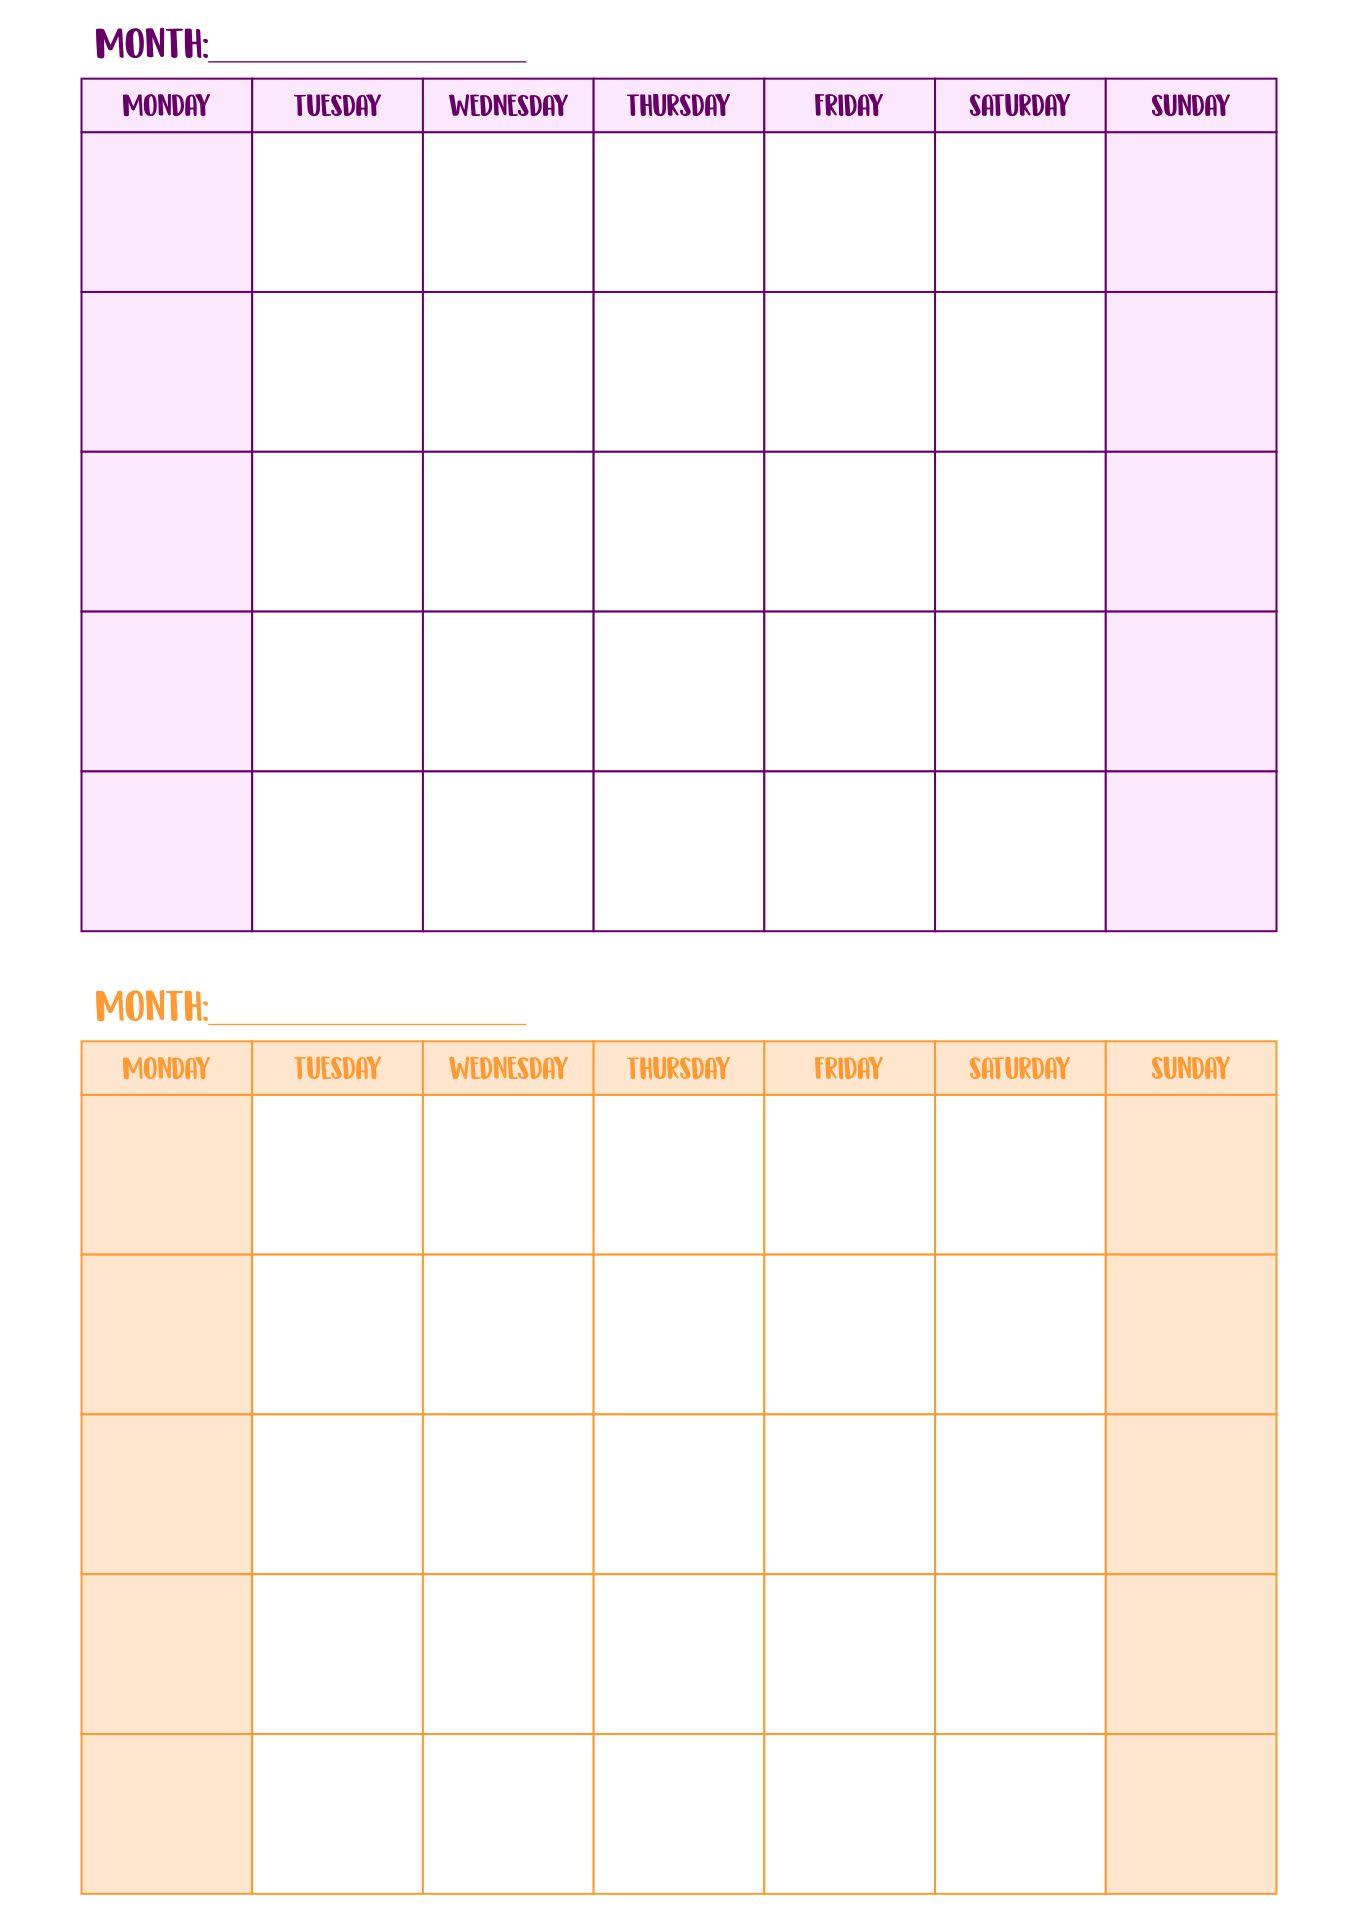 2 Month Blank Calendar Template